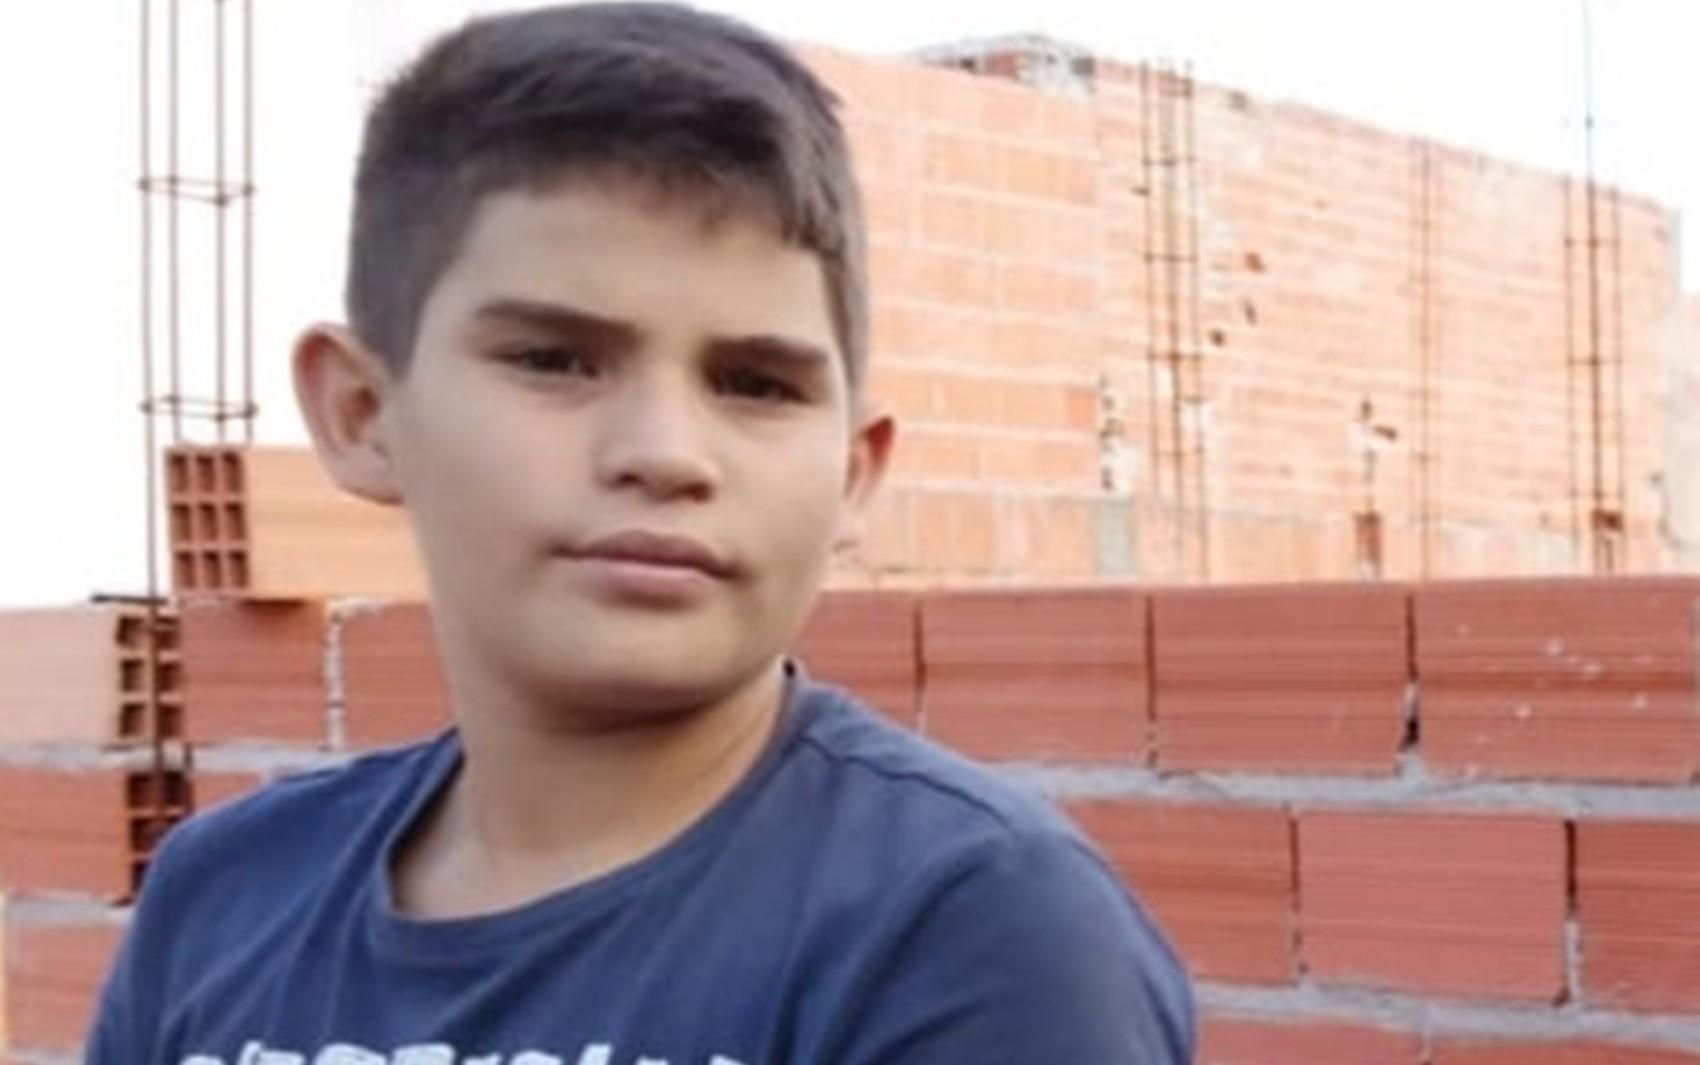 Adrian de 12 anos morre eletrocutado por cerca elétrica quando soltava pipa em Guaranésia